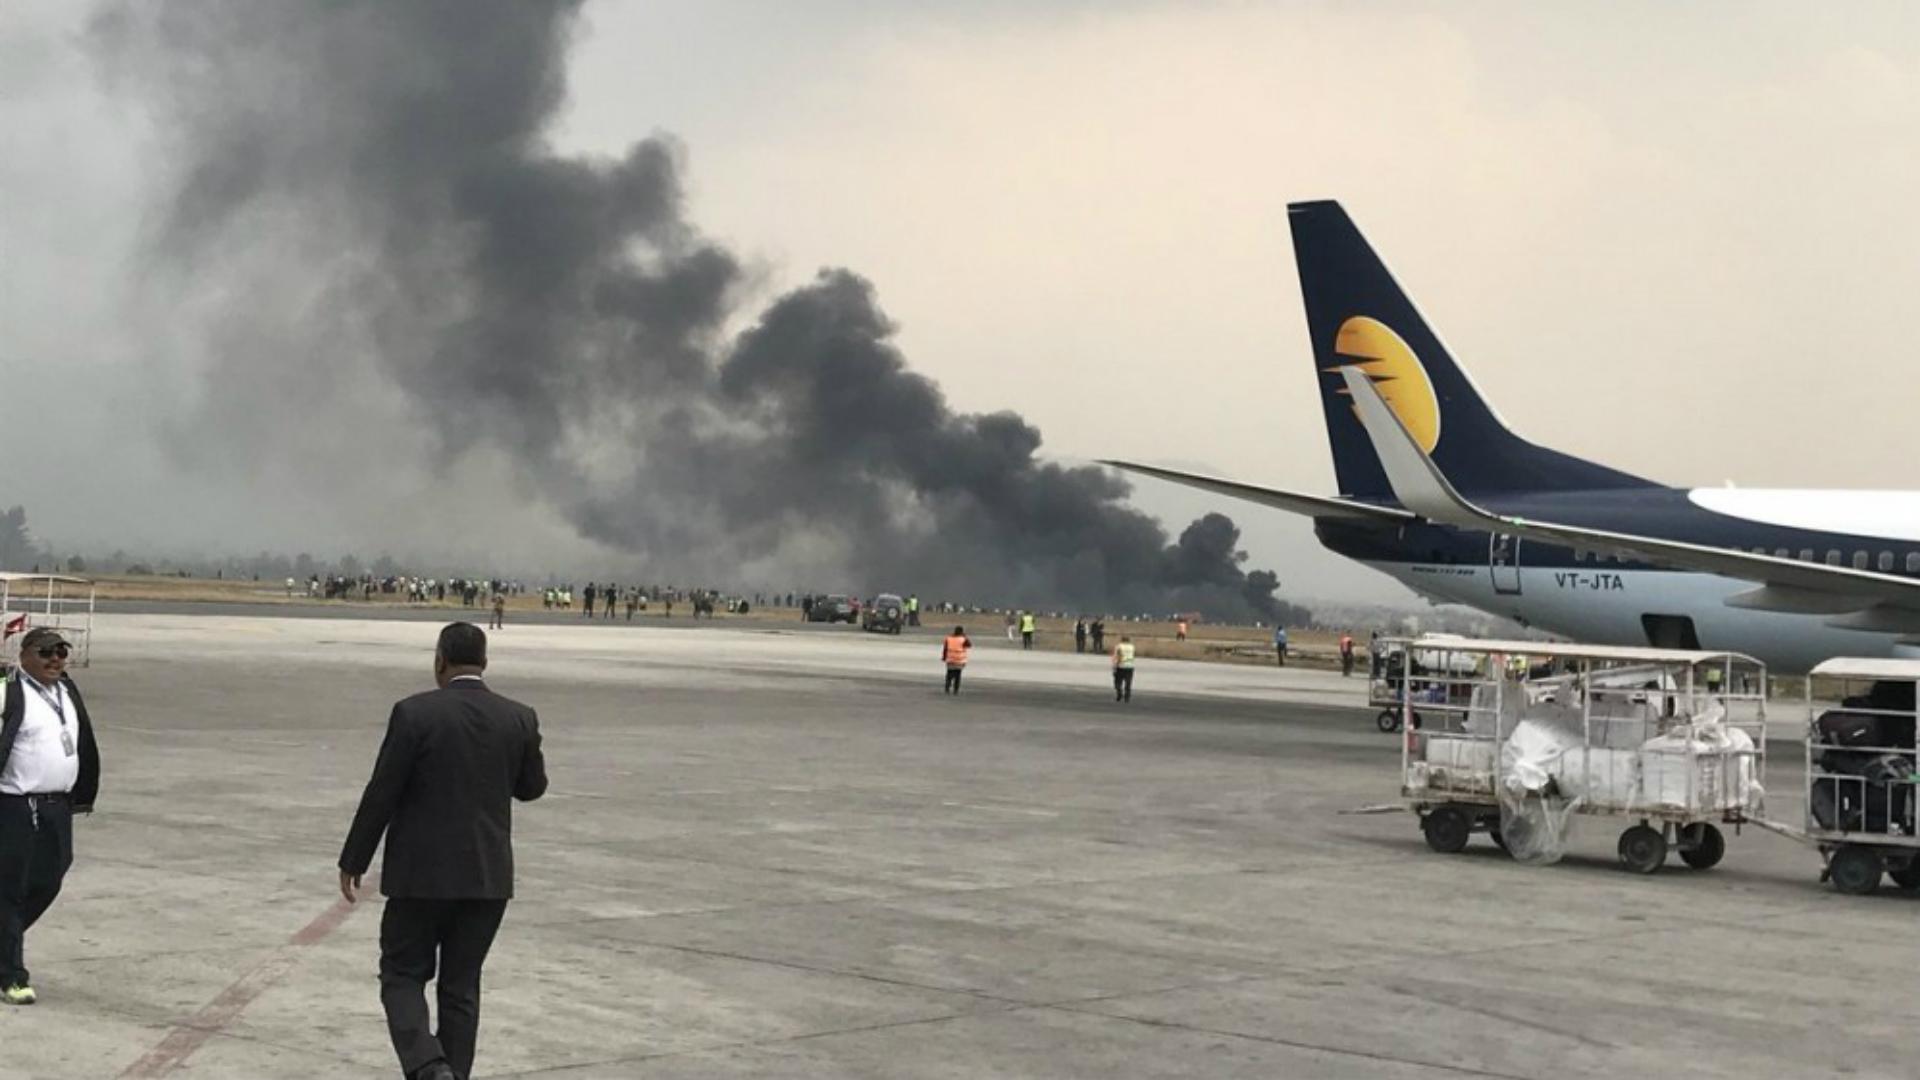 Una densa columna de humo le siguió al accidente y a la actuación de los bomberos que apagaron el siniestro (Twitter)